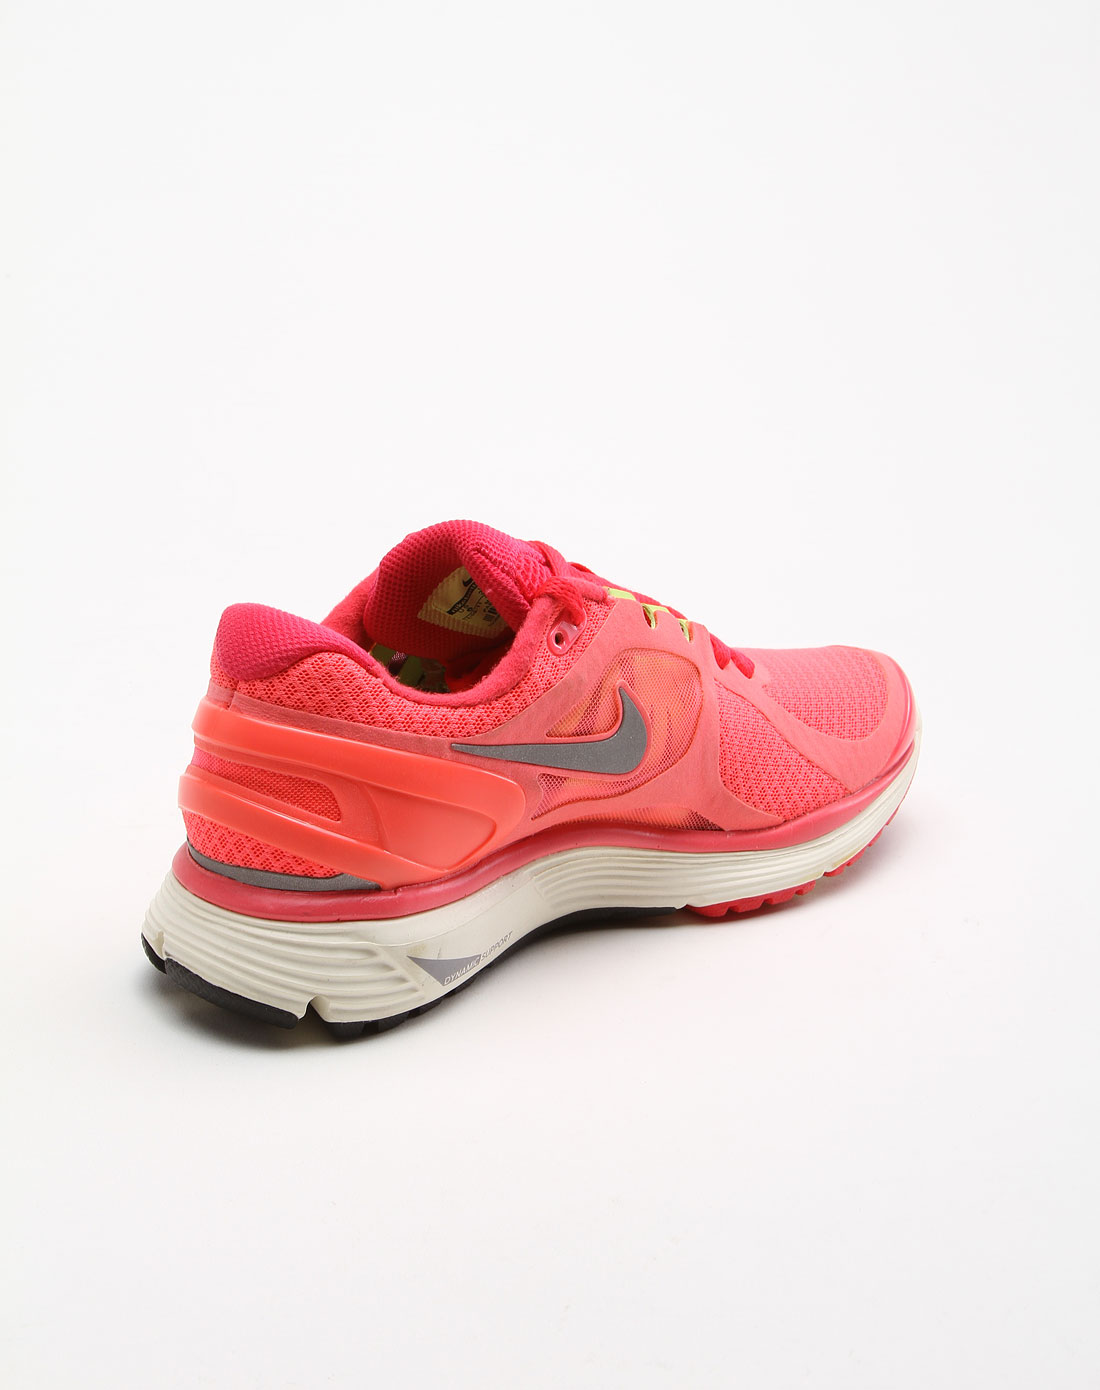 耐克nike-女款荧光红色运动鞋487974-606